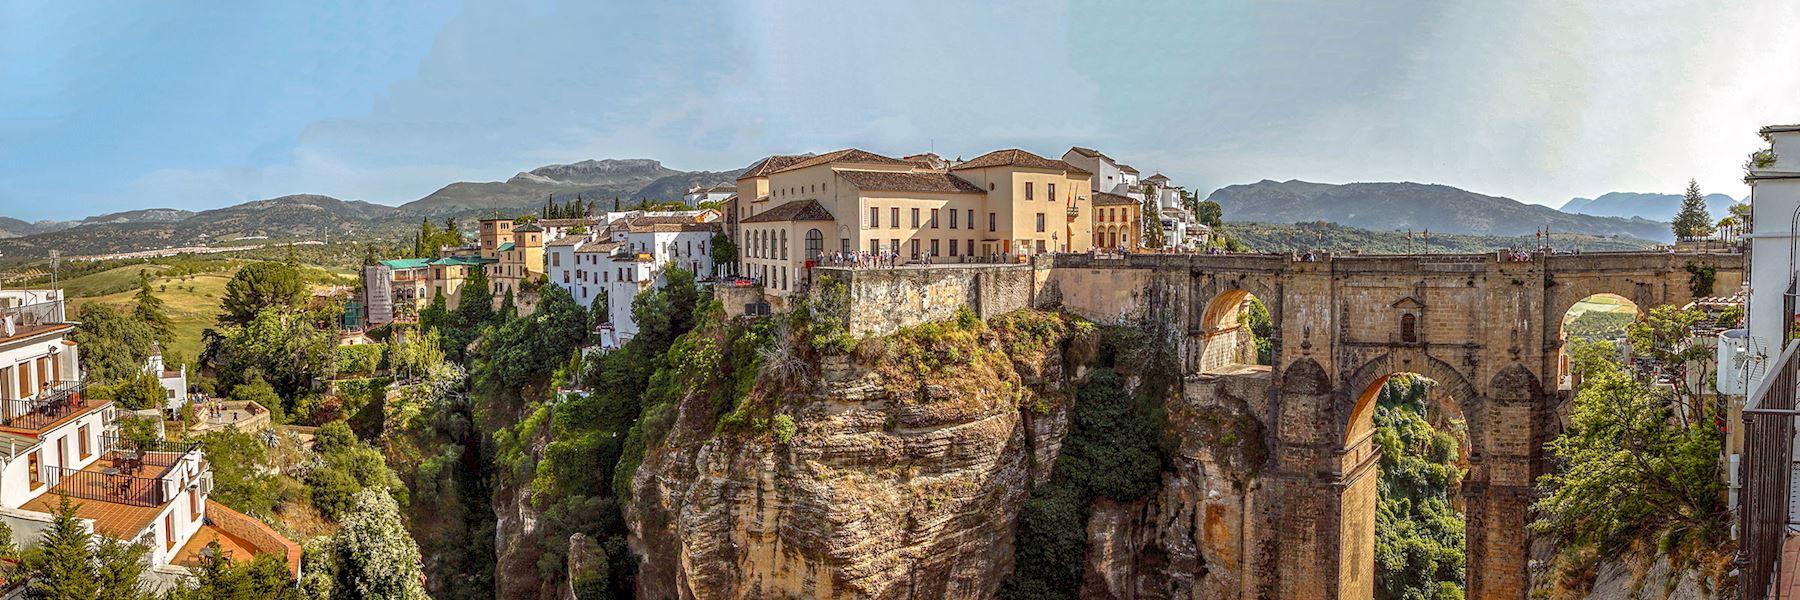 Visit Ronda, Spain